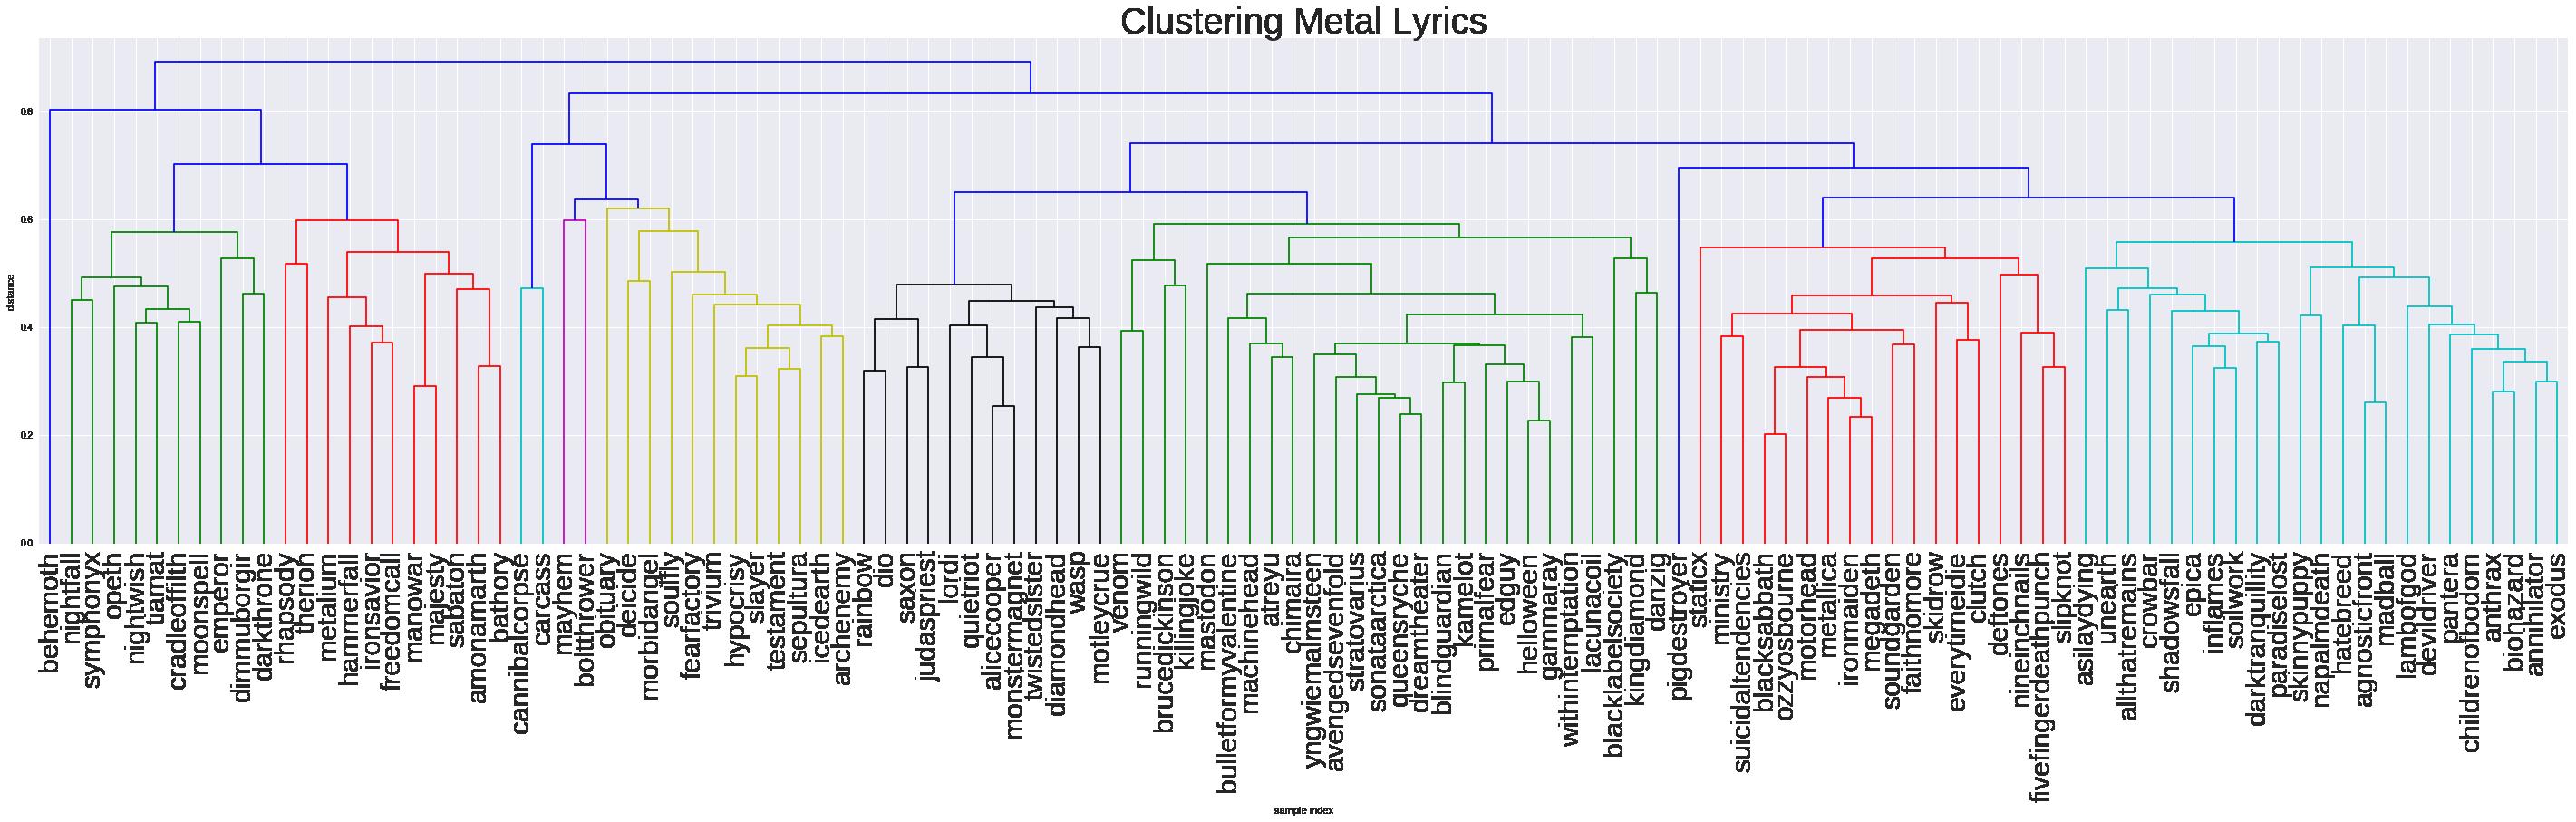 Metal Cluster Dendrogram